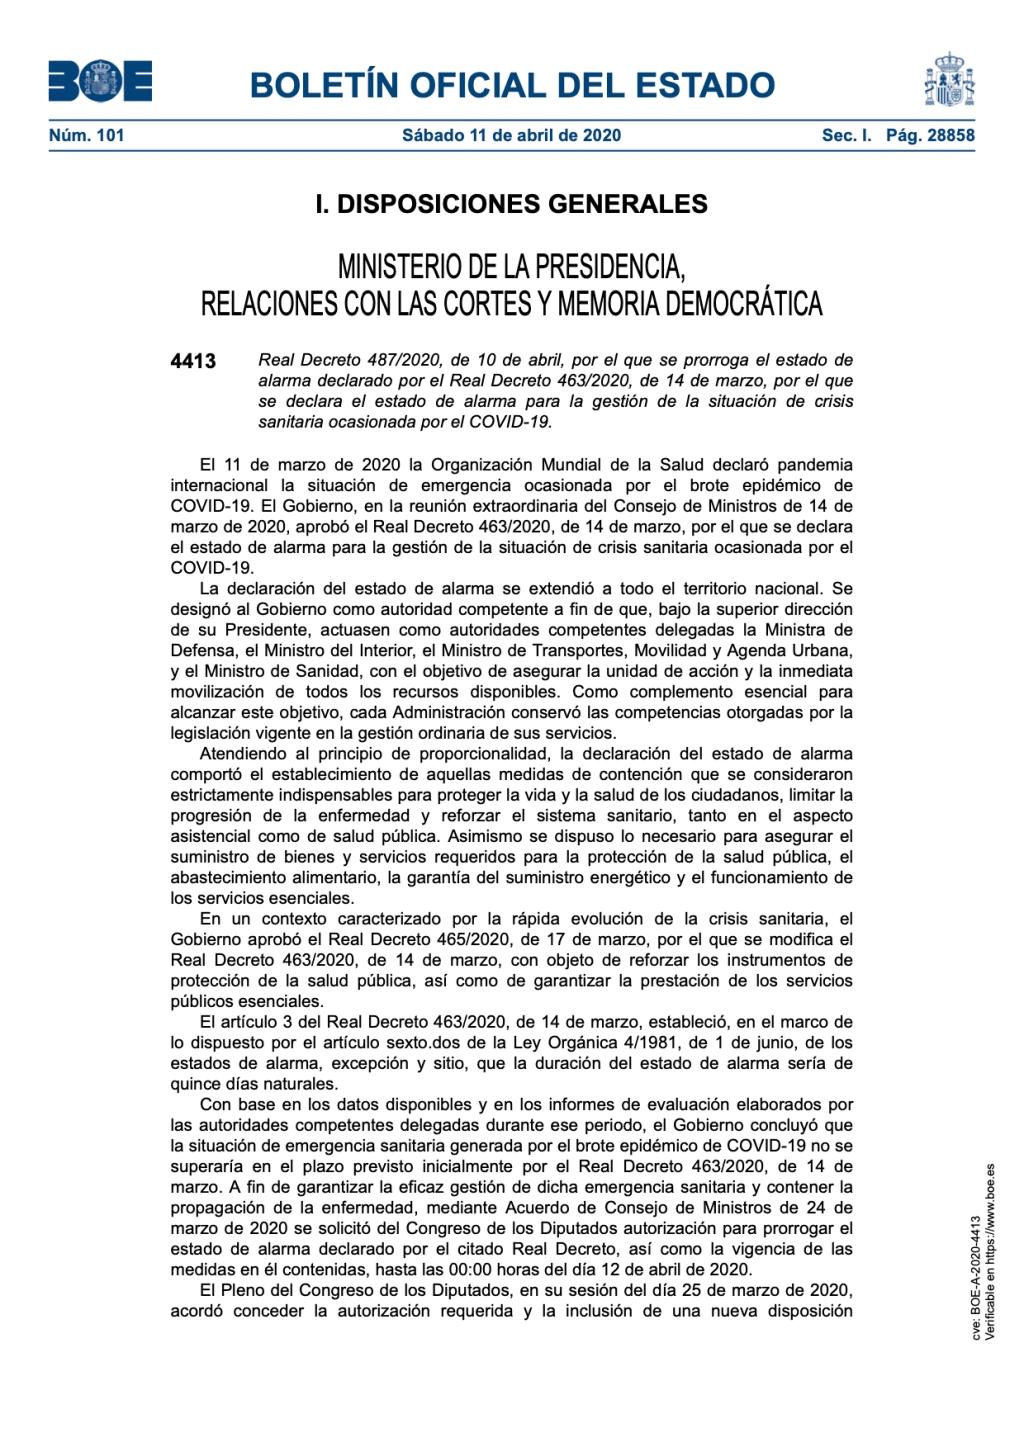 Real Decreto 487/2020, de 10 de abril, por el que se prorroga el estado de alarma por el COVID-19.